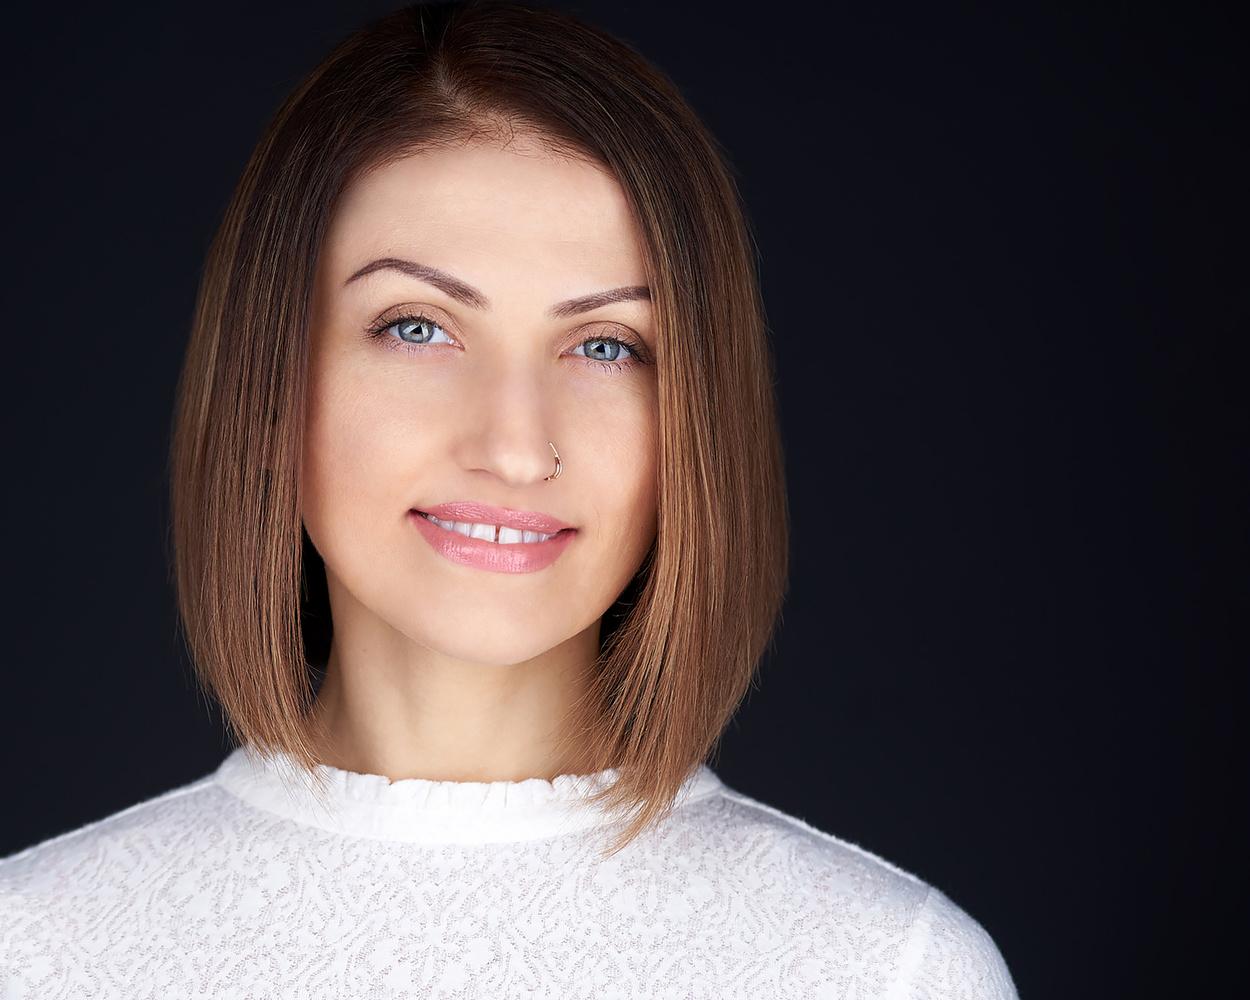 Oksana by Egis Jurgaitis